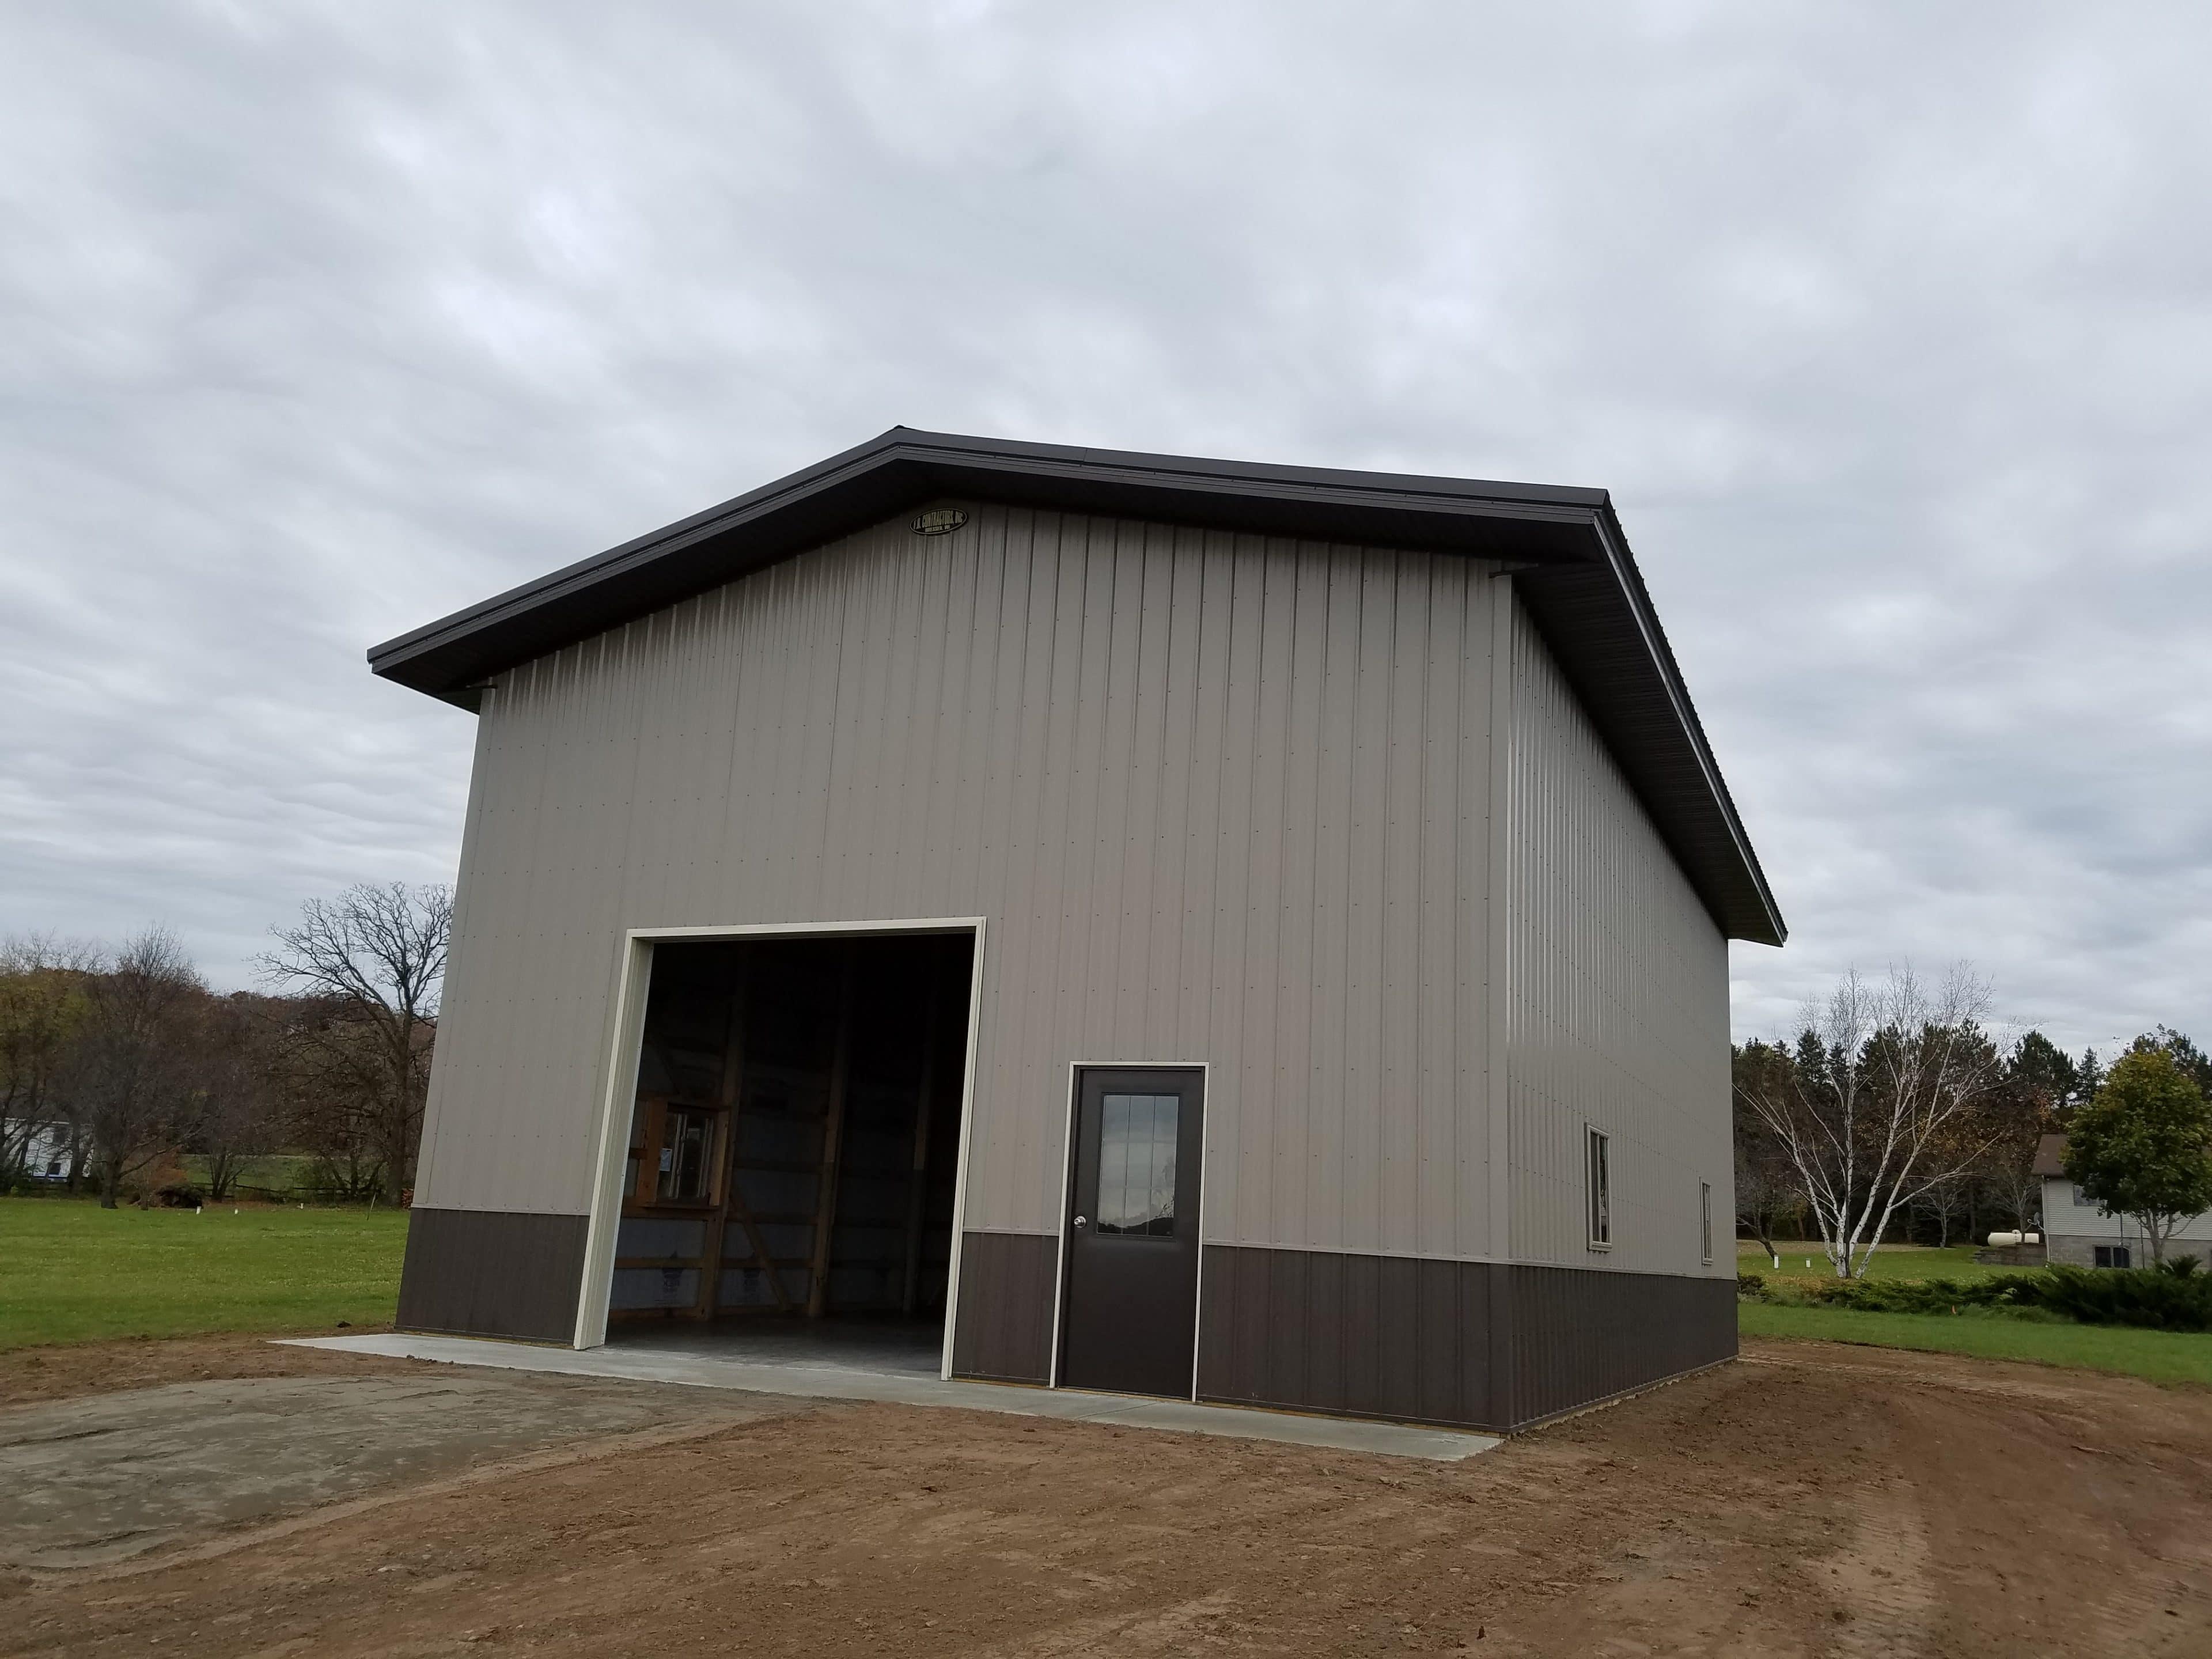 Barn Siding Projects Kt28 Roccommunity